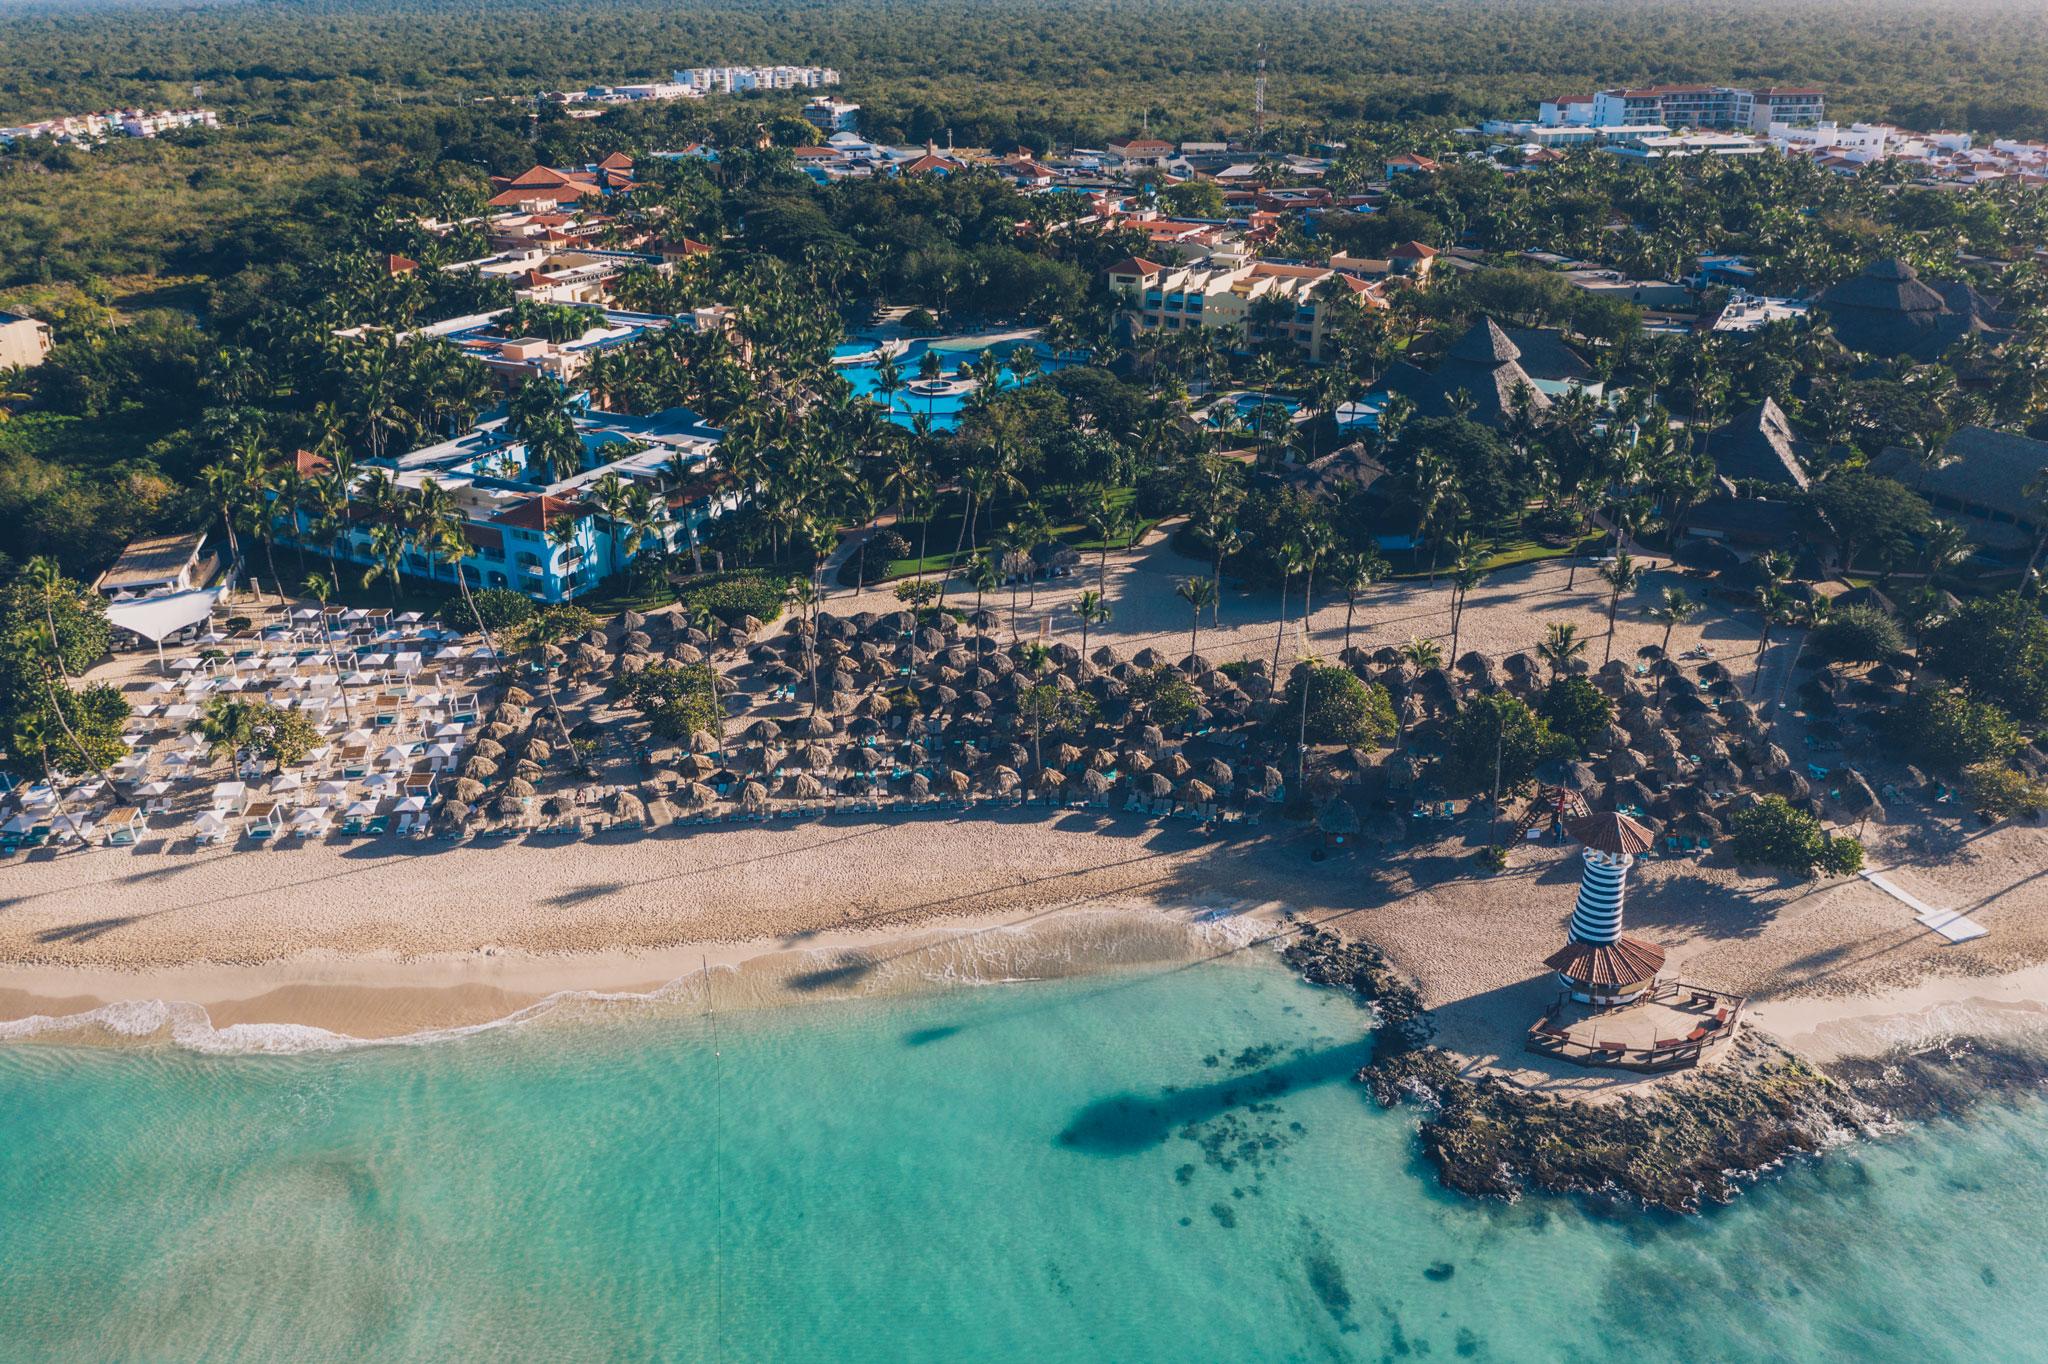 Iberostar Hacienda Dominicus Hotel Bayahibe La Romana